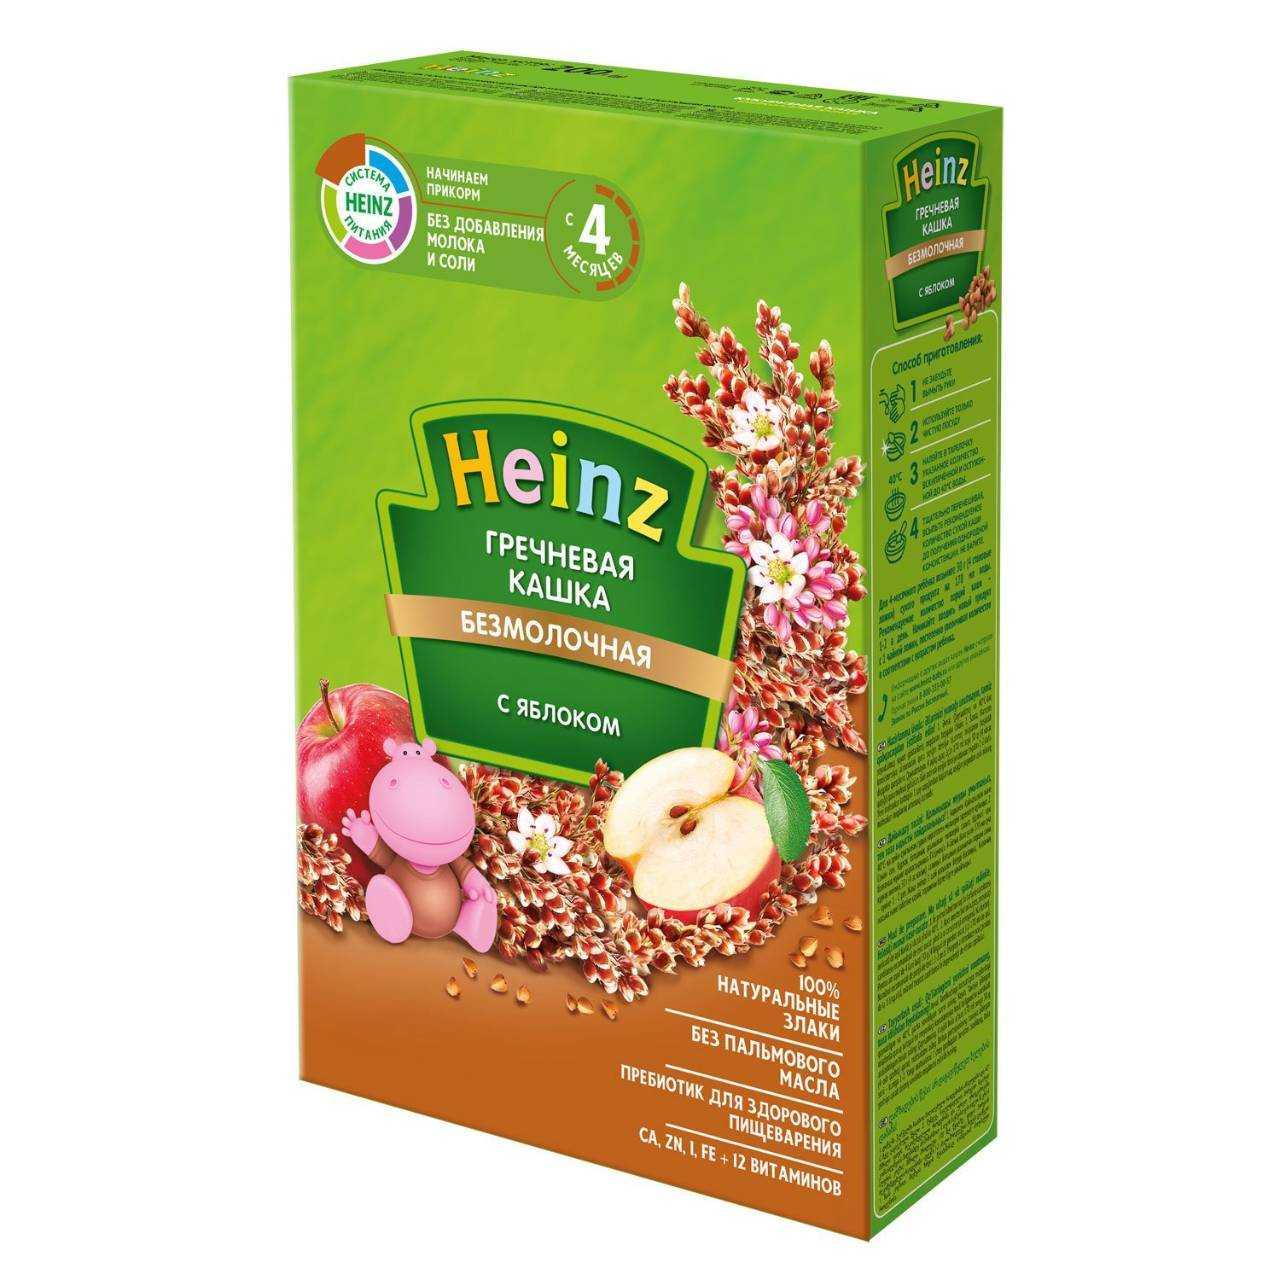 سرلاک سیب و گندم سیاه بدون شیر هاینز HEINZ